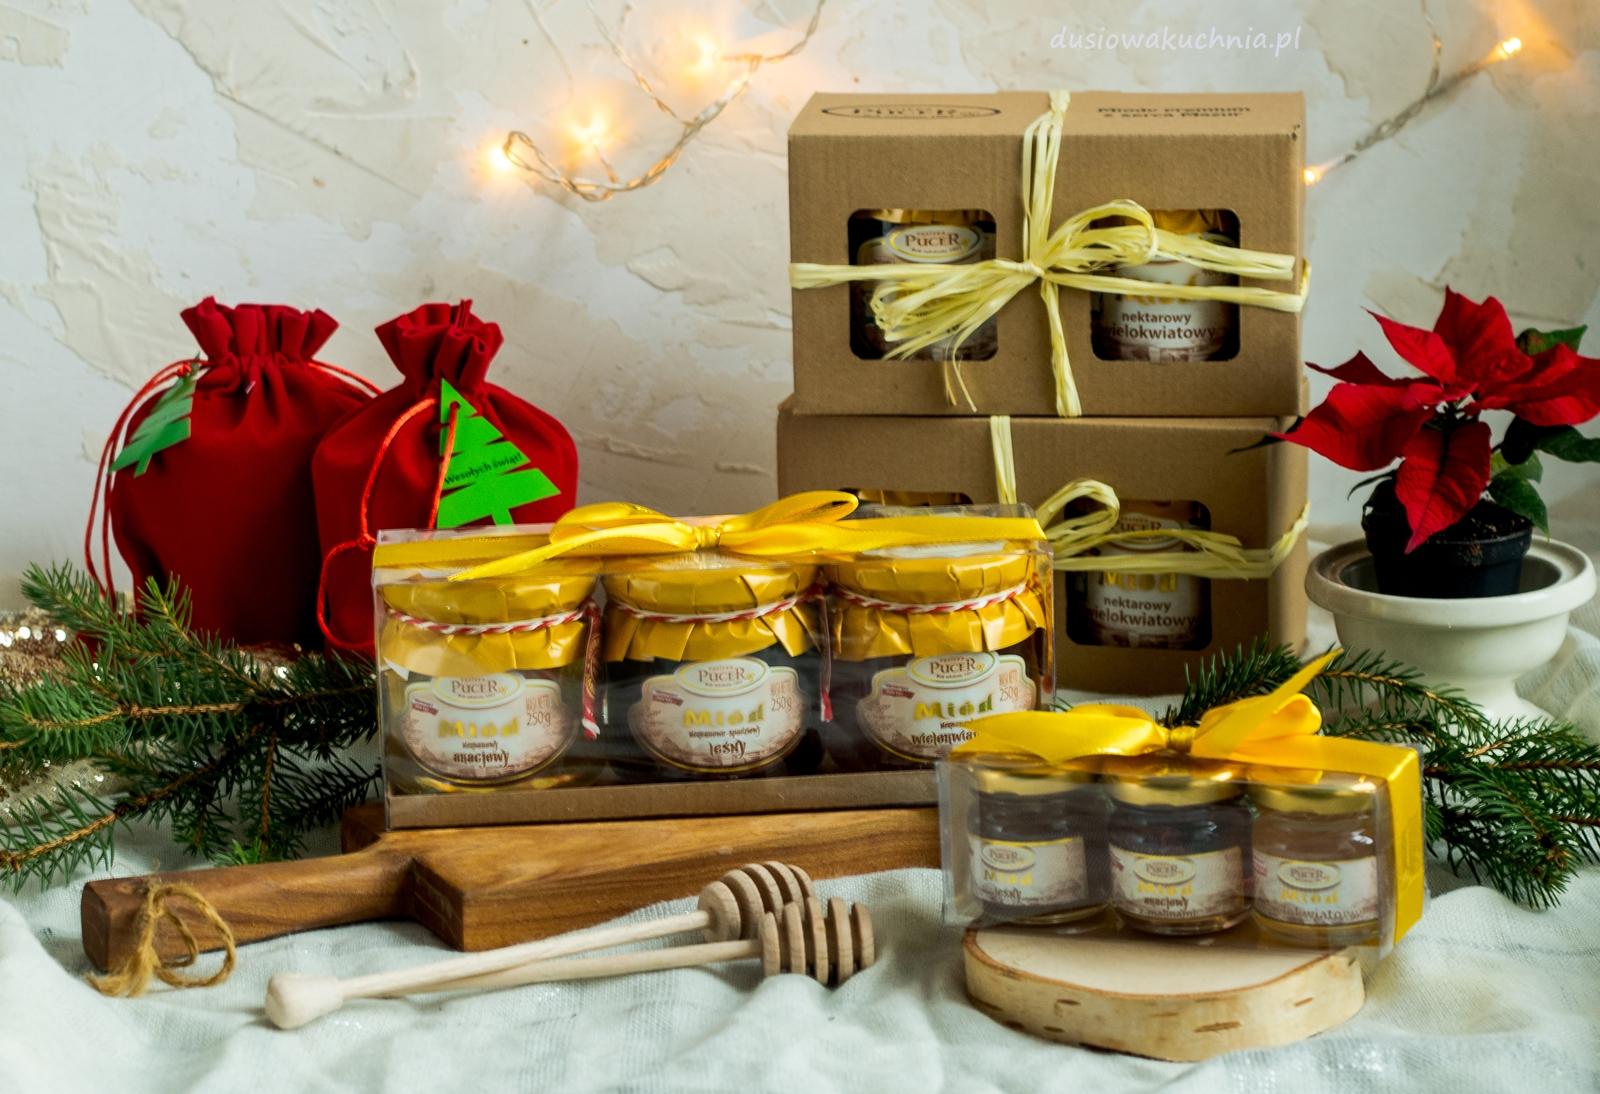 Pomysł na prezent - zestaw miodów (Pucer) + niespodzianka PREZENT dla Was